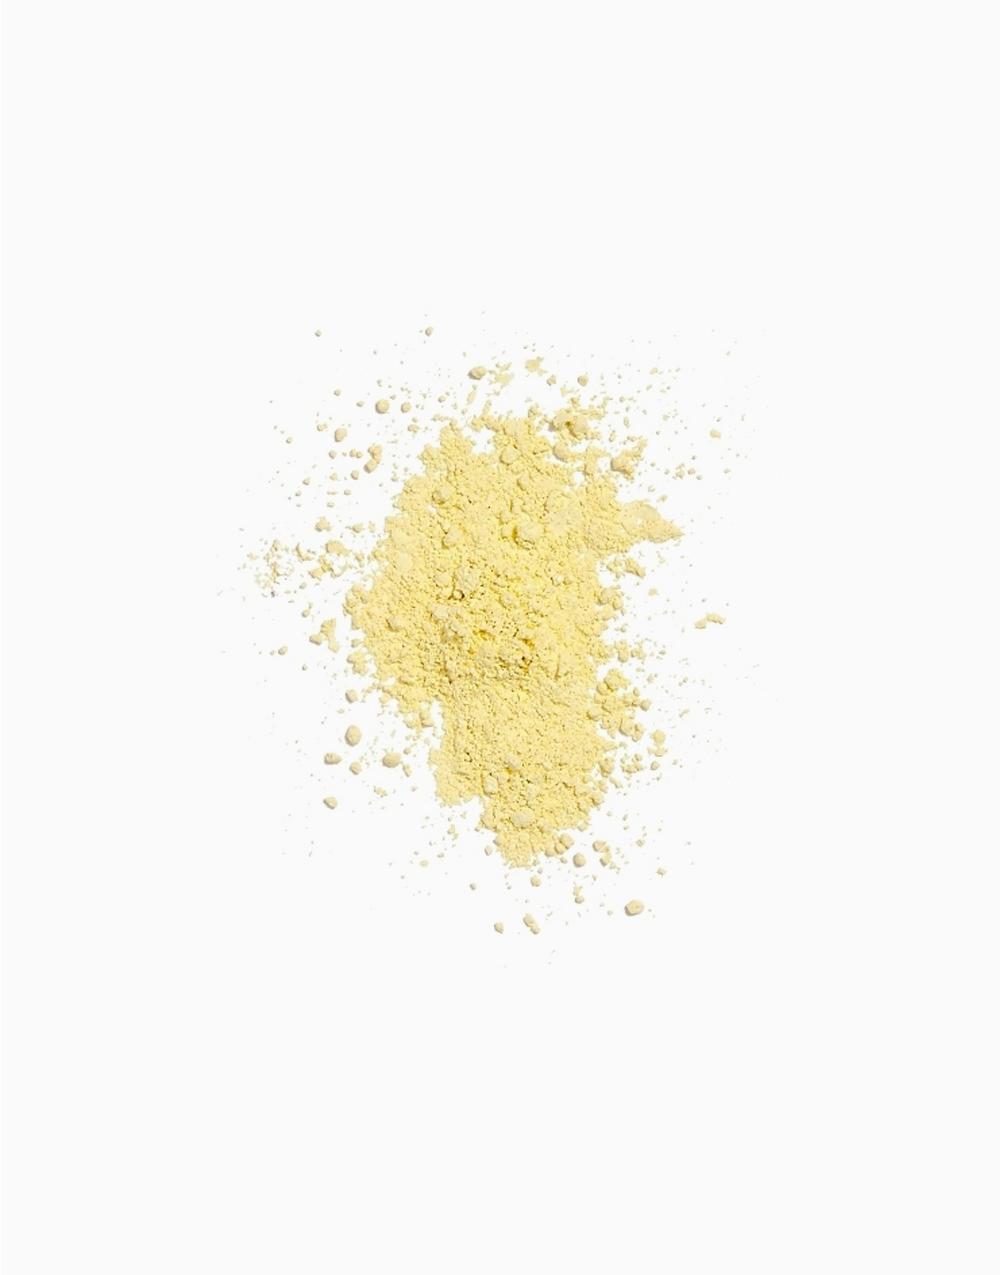 Special Healing Powder (1/2oz) by Mario Badescu